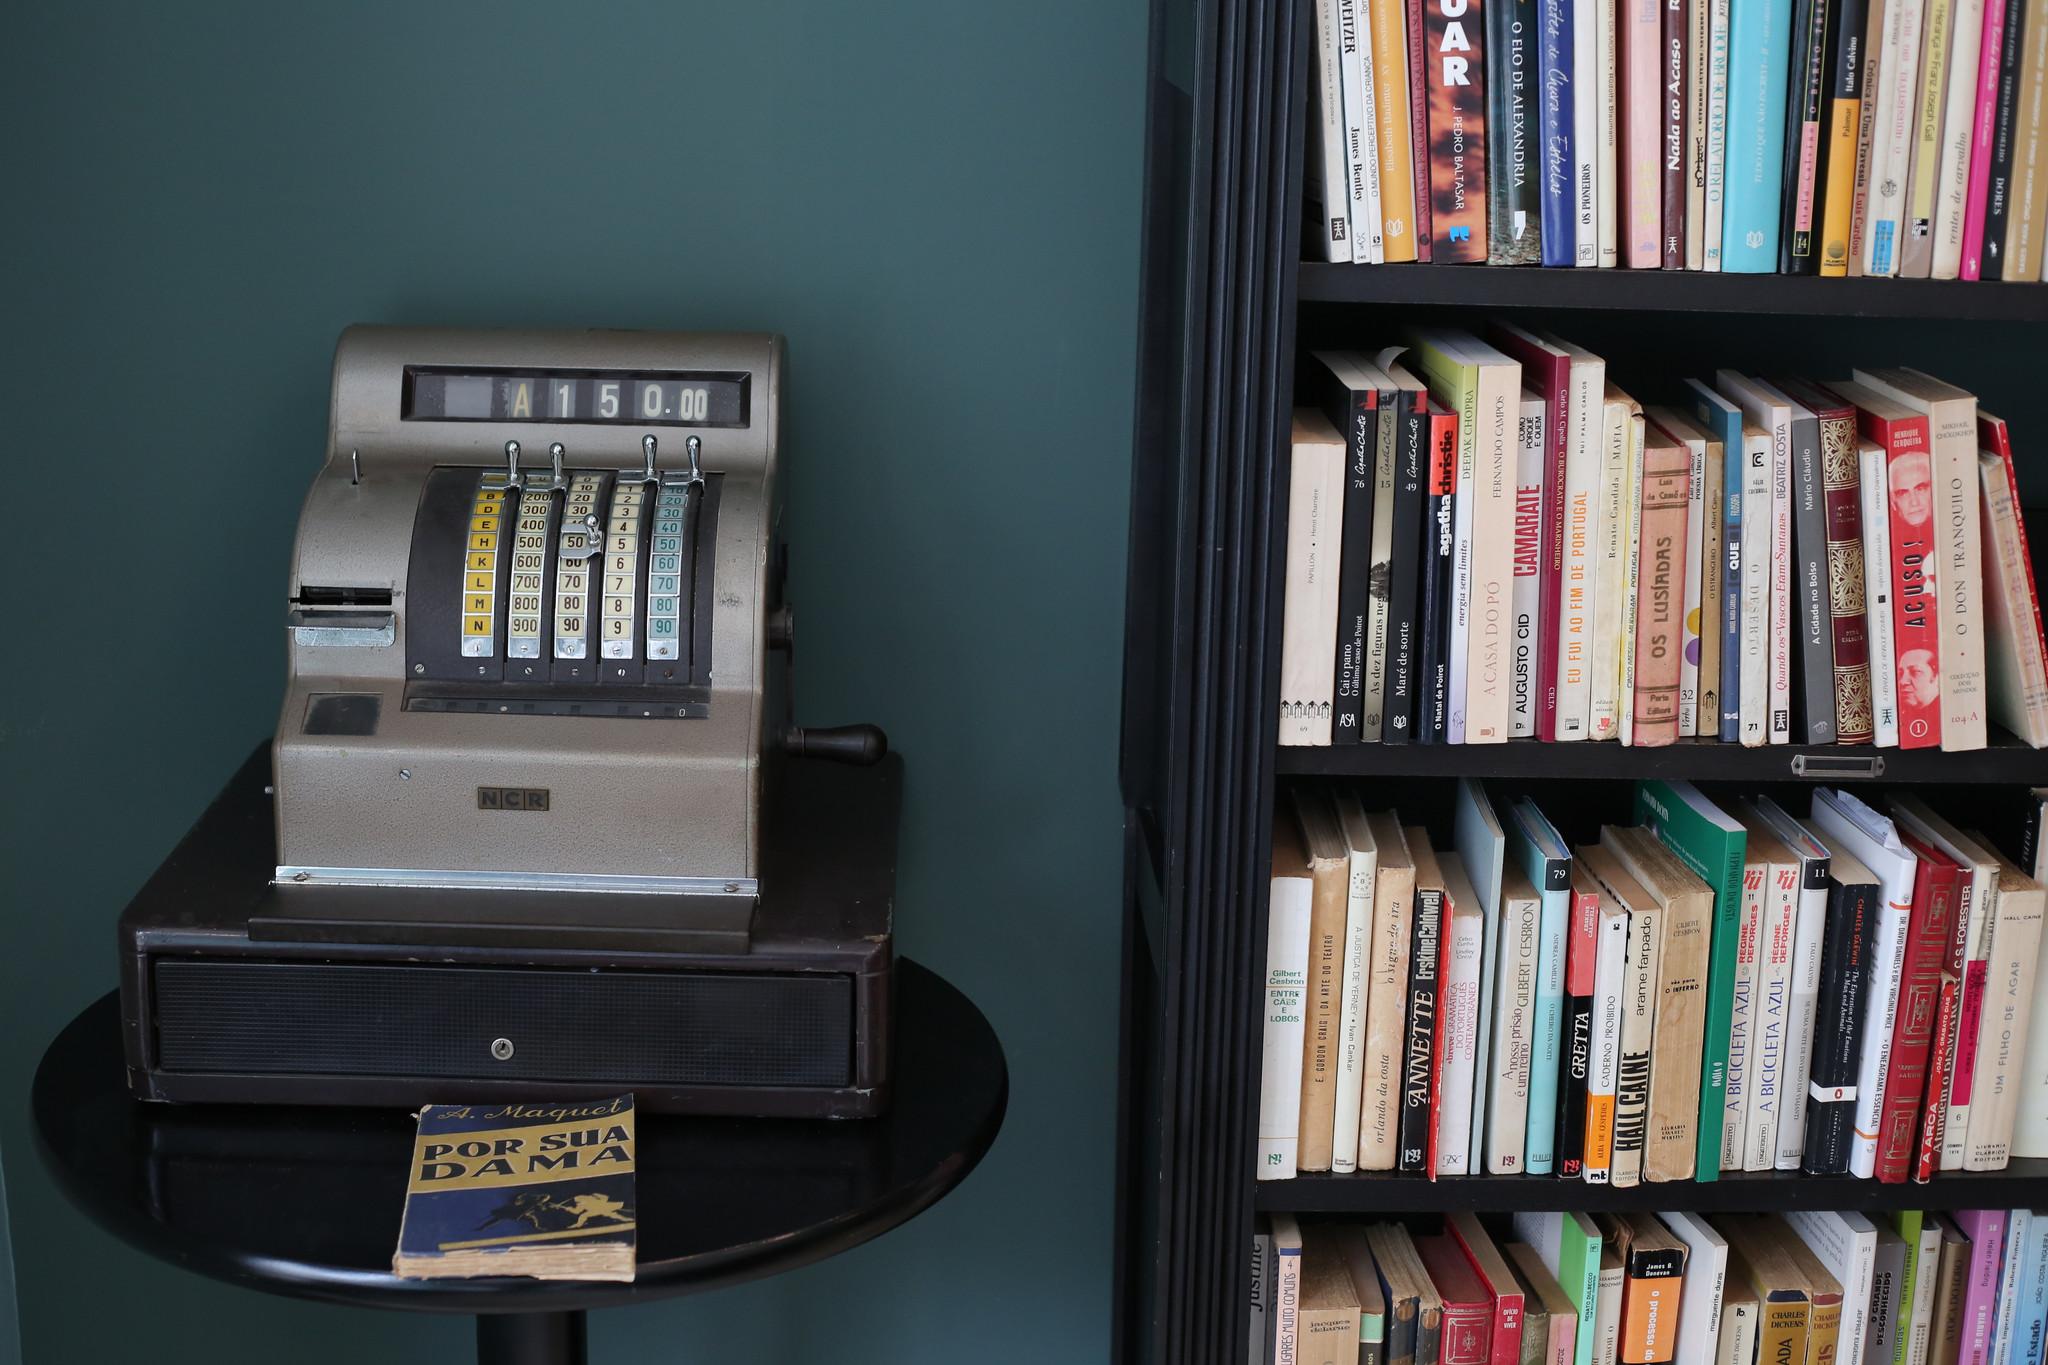 jc livraria po dos livros 07.jpg